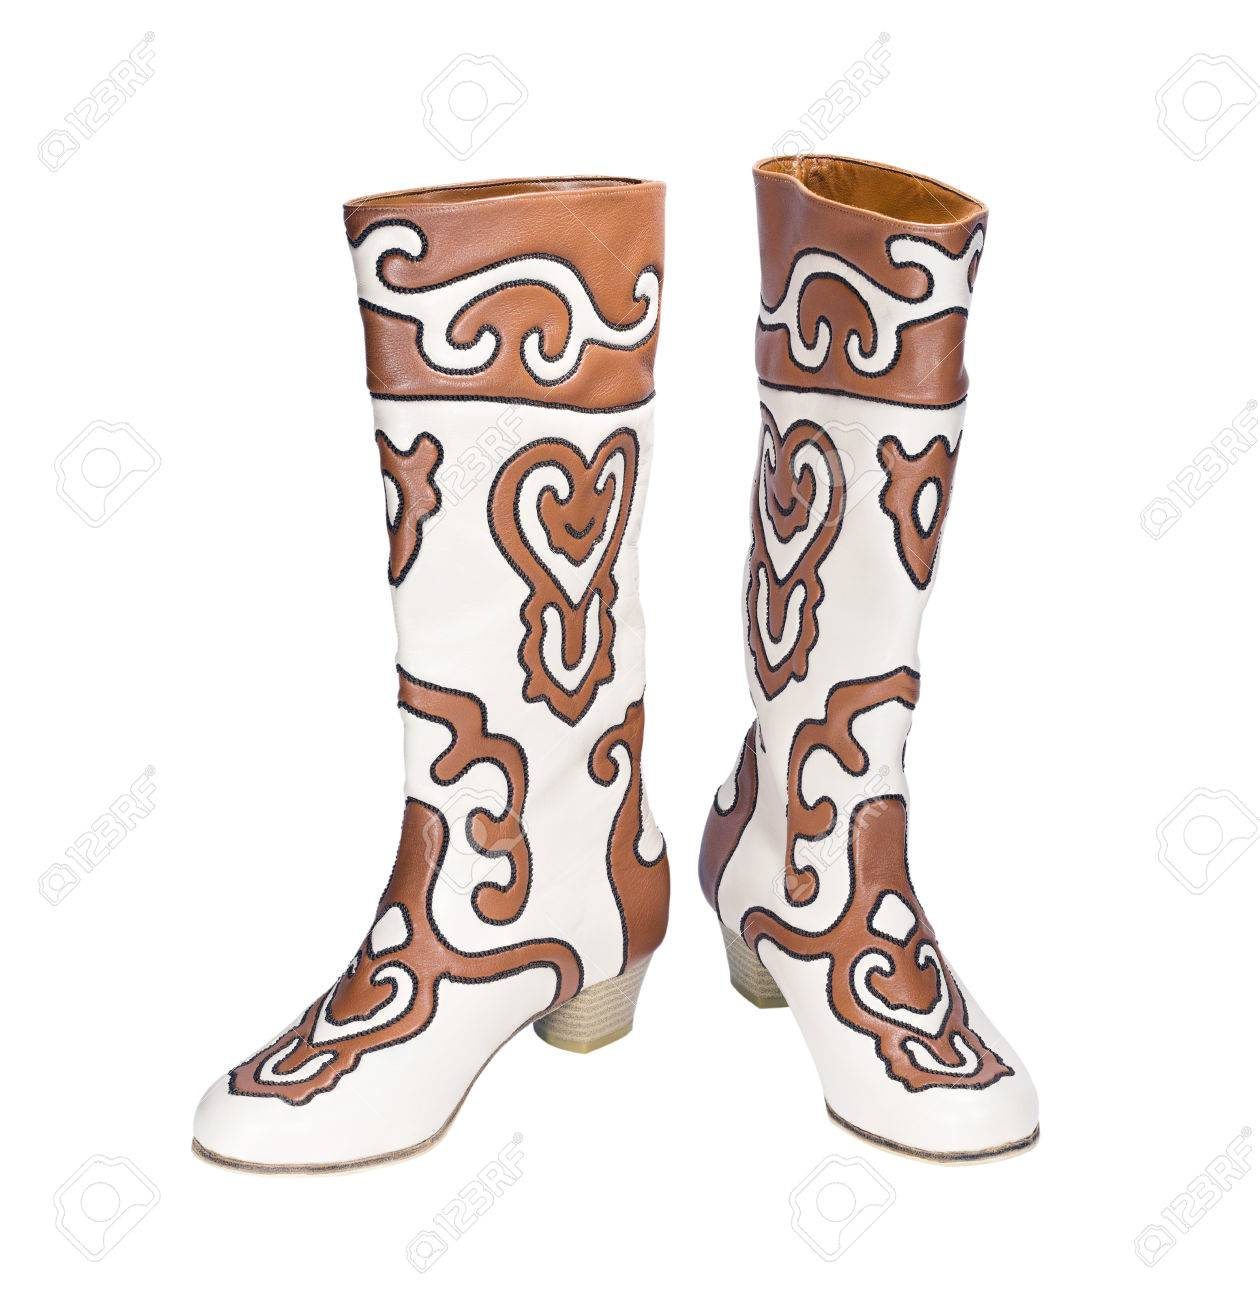 Foto de archivo - Tártaro botas de las mujeres nacionales Ichigi aislado en  el fondo blanco 59785363f7da9